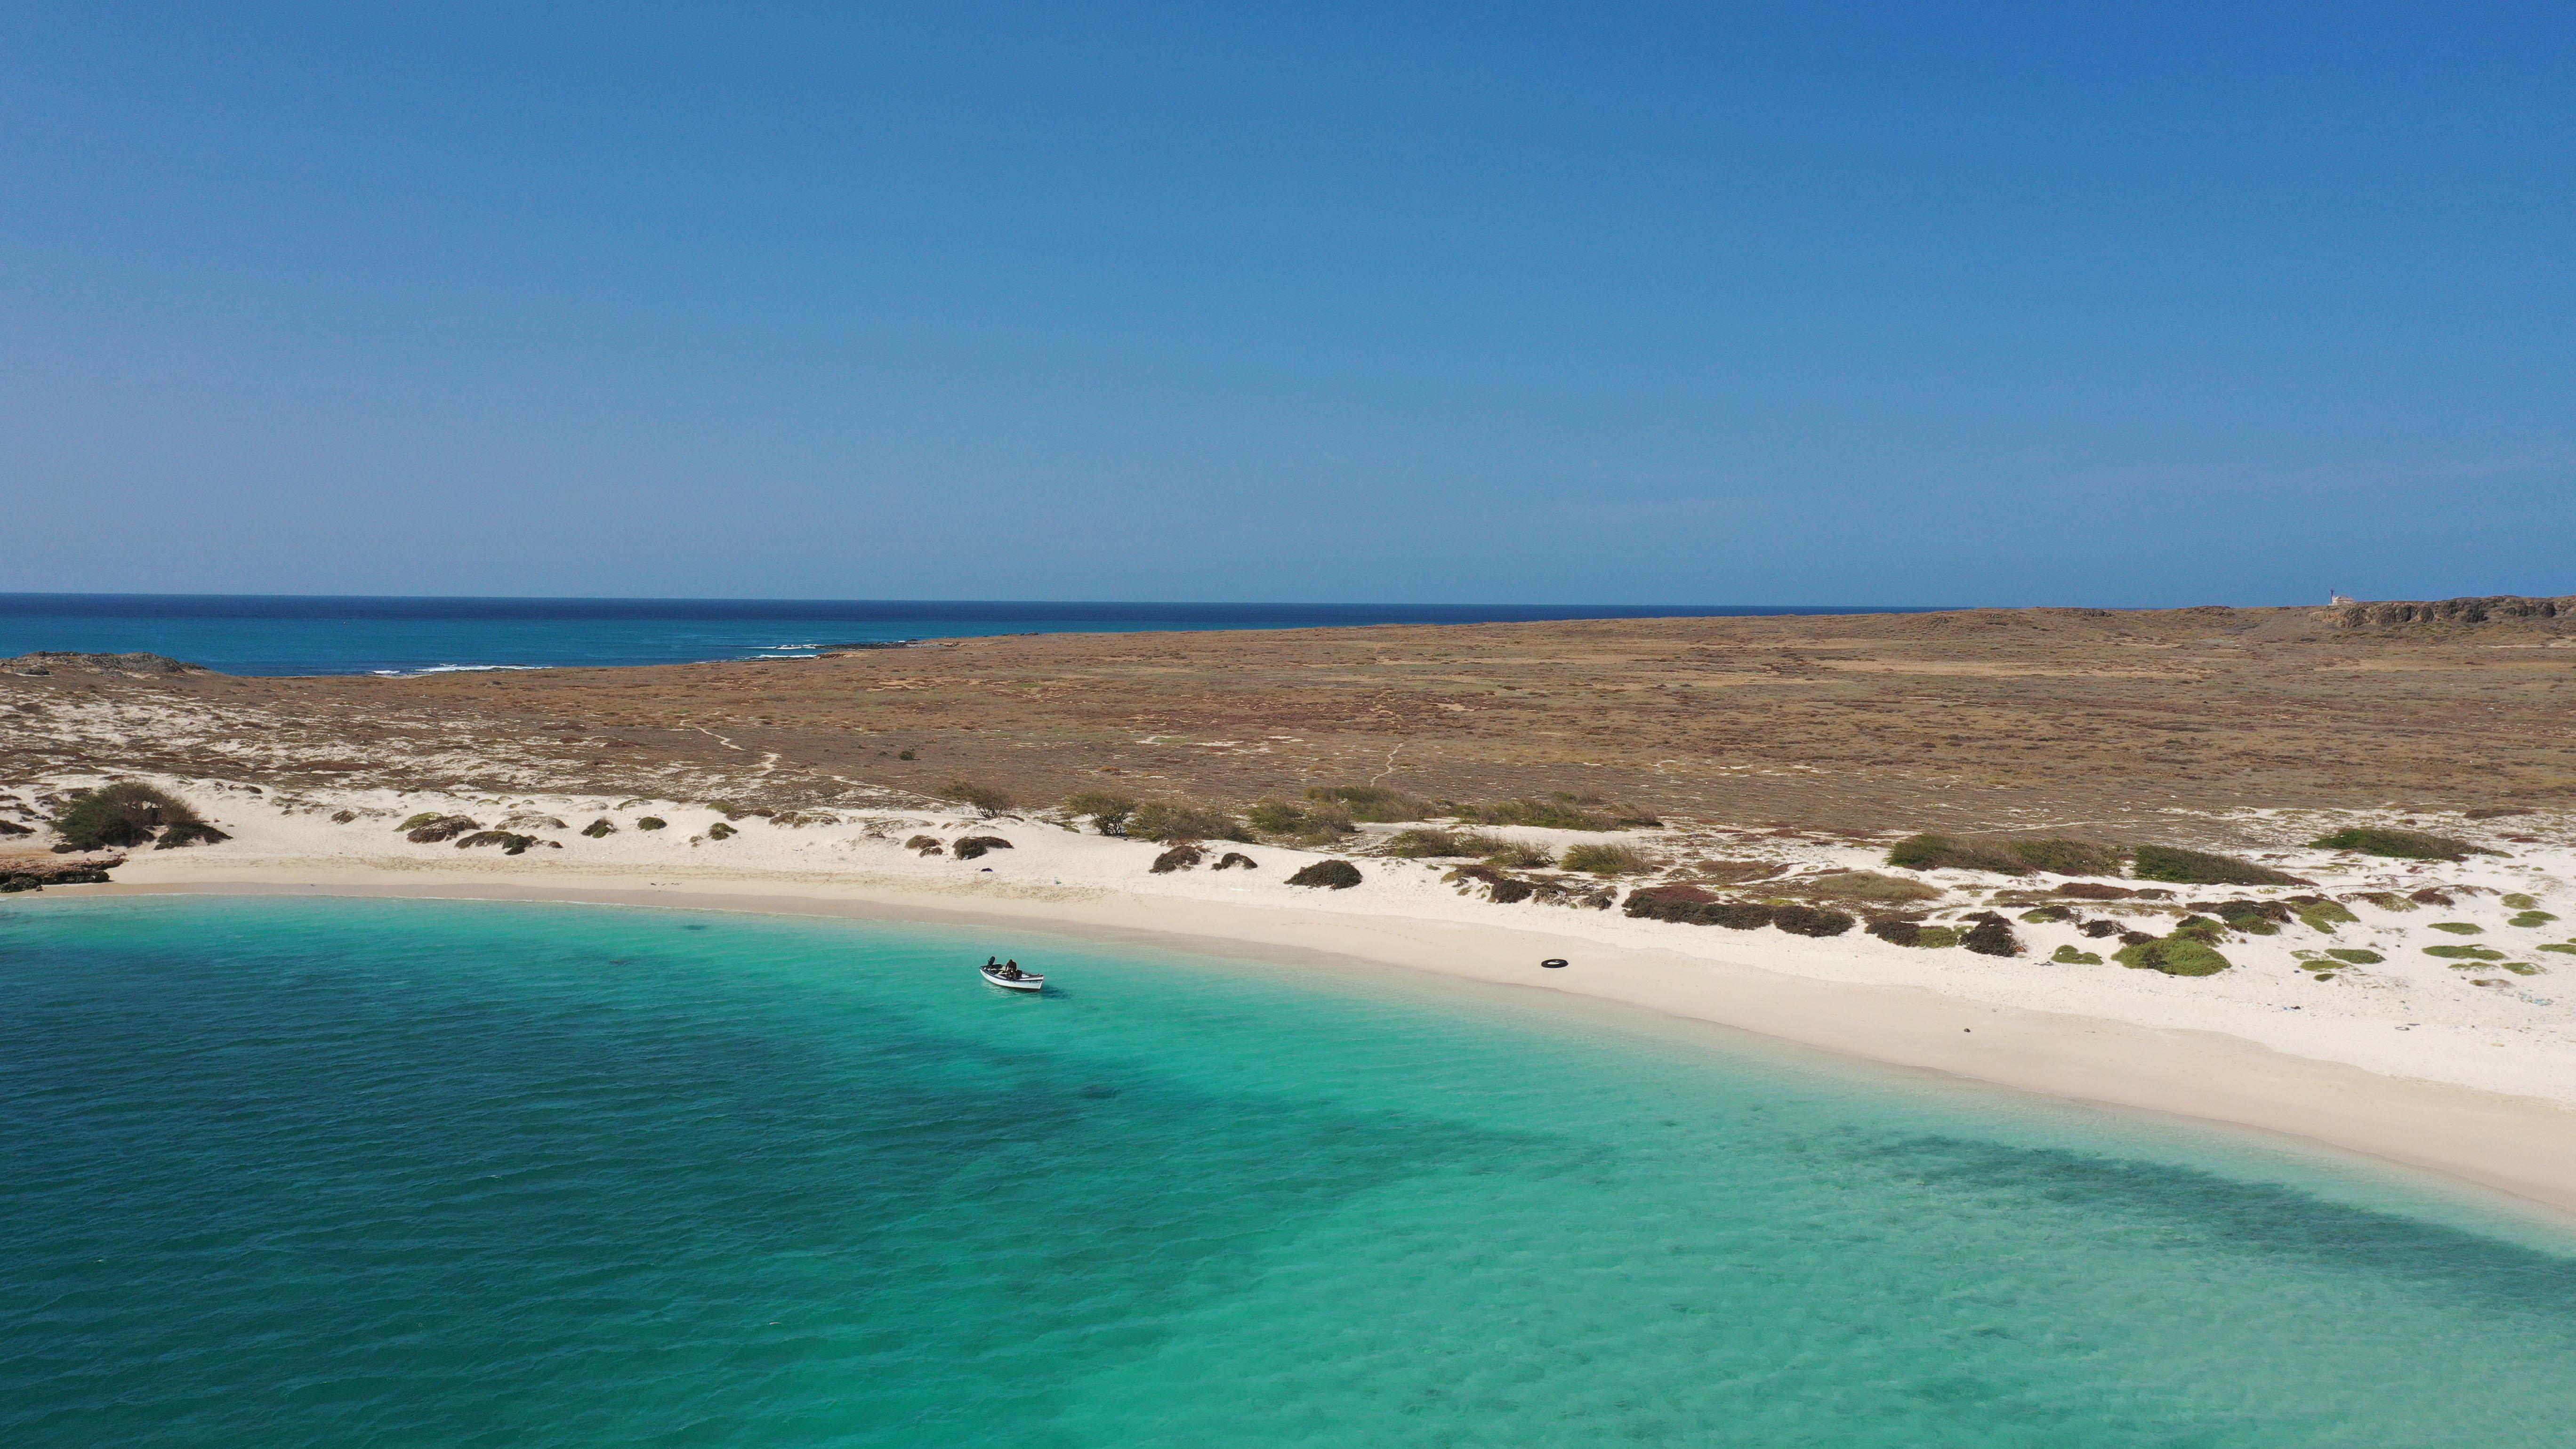 spiaggia isolotto ilheu boavista